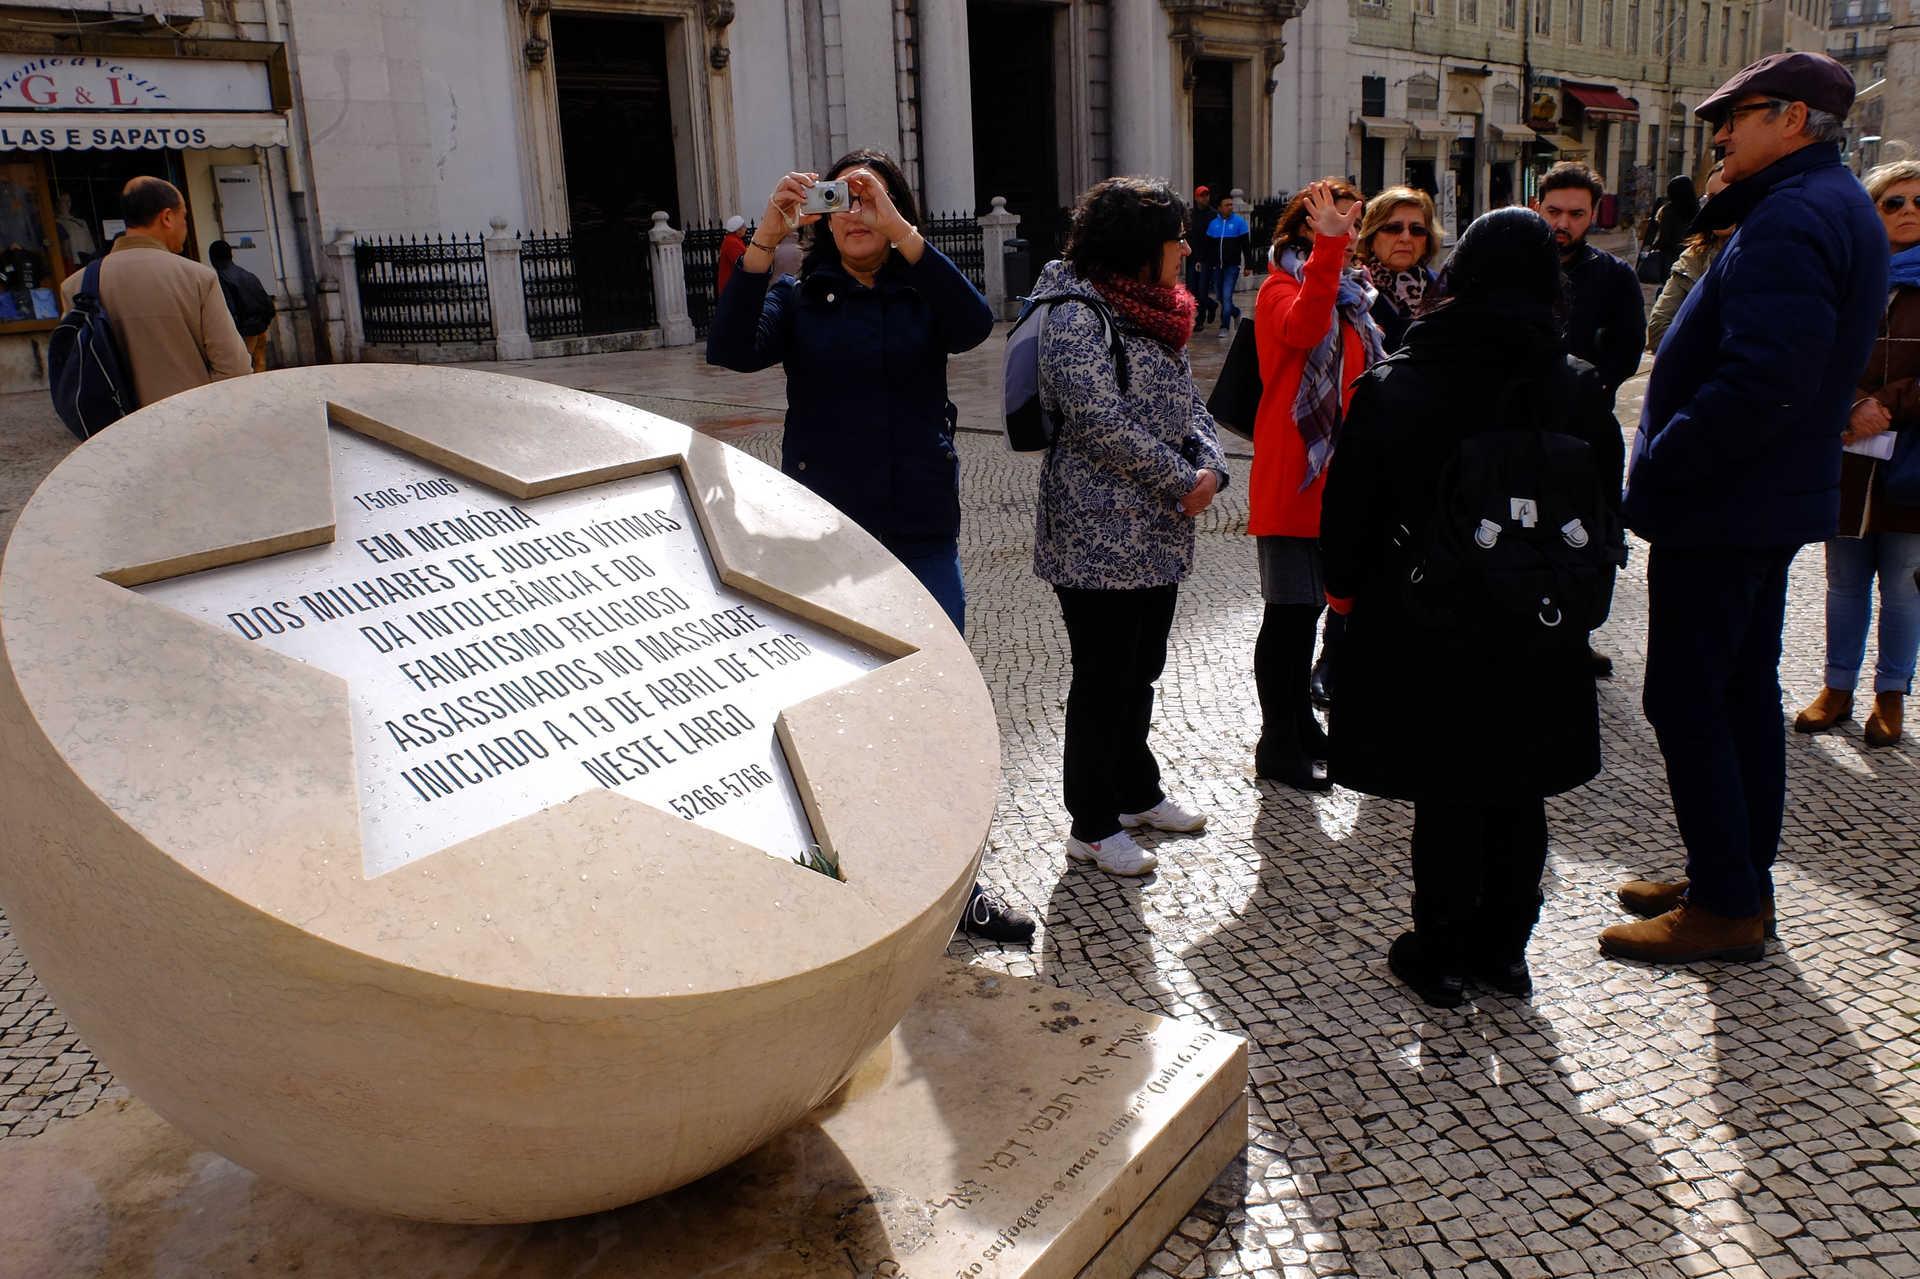 הקהילה היהודית של ליסבון